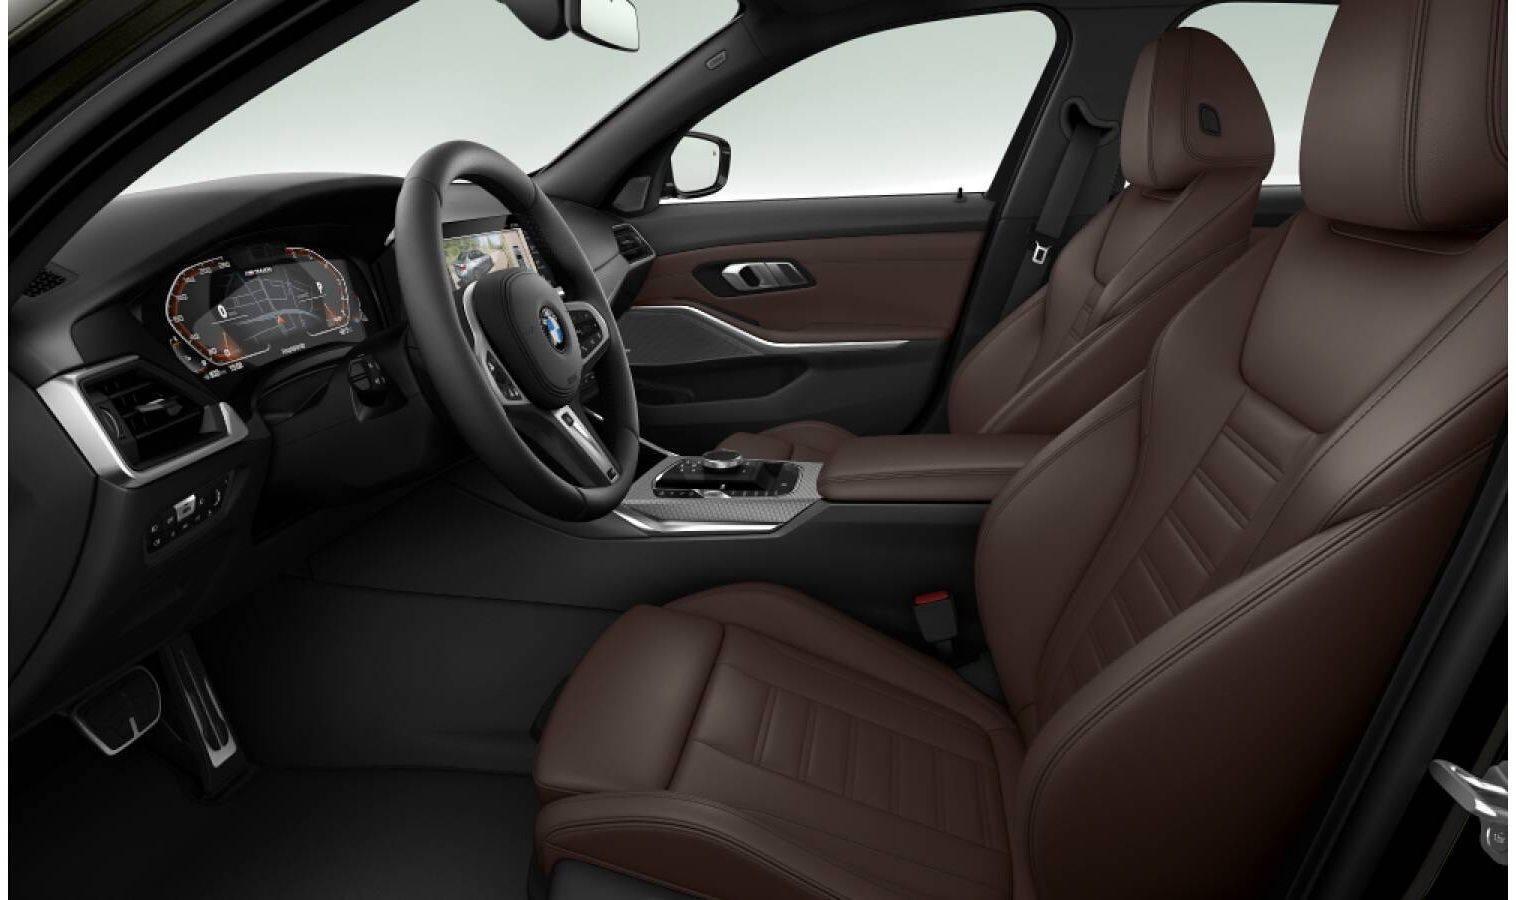 2019 BMW 3 Series G20 - Interior